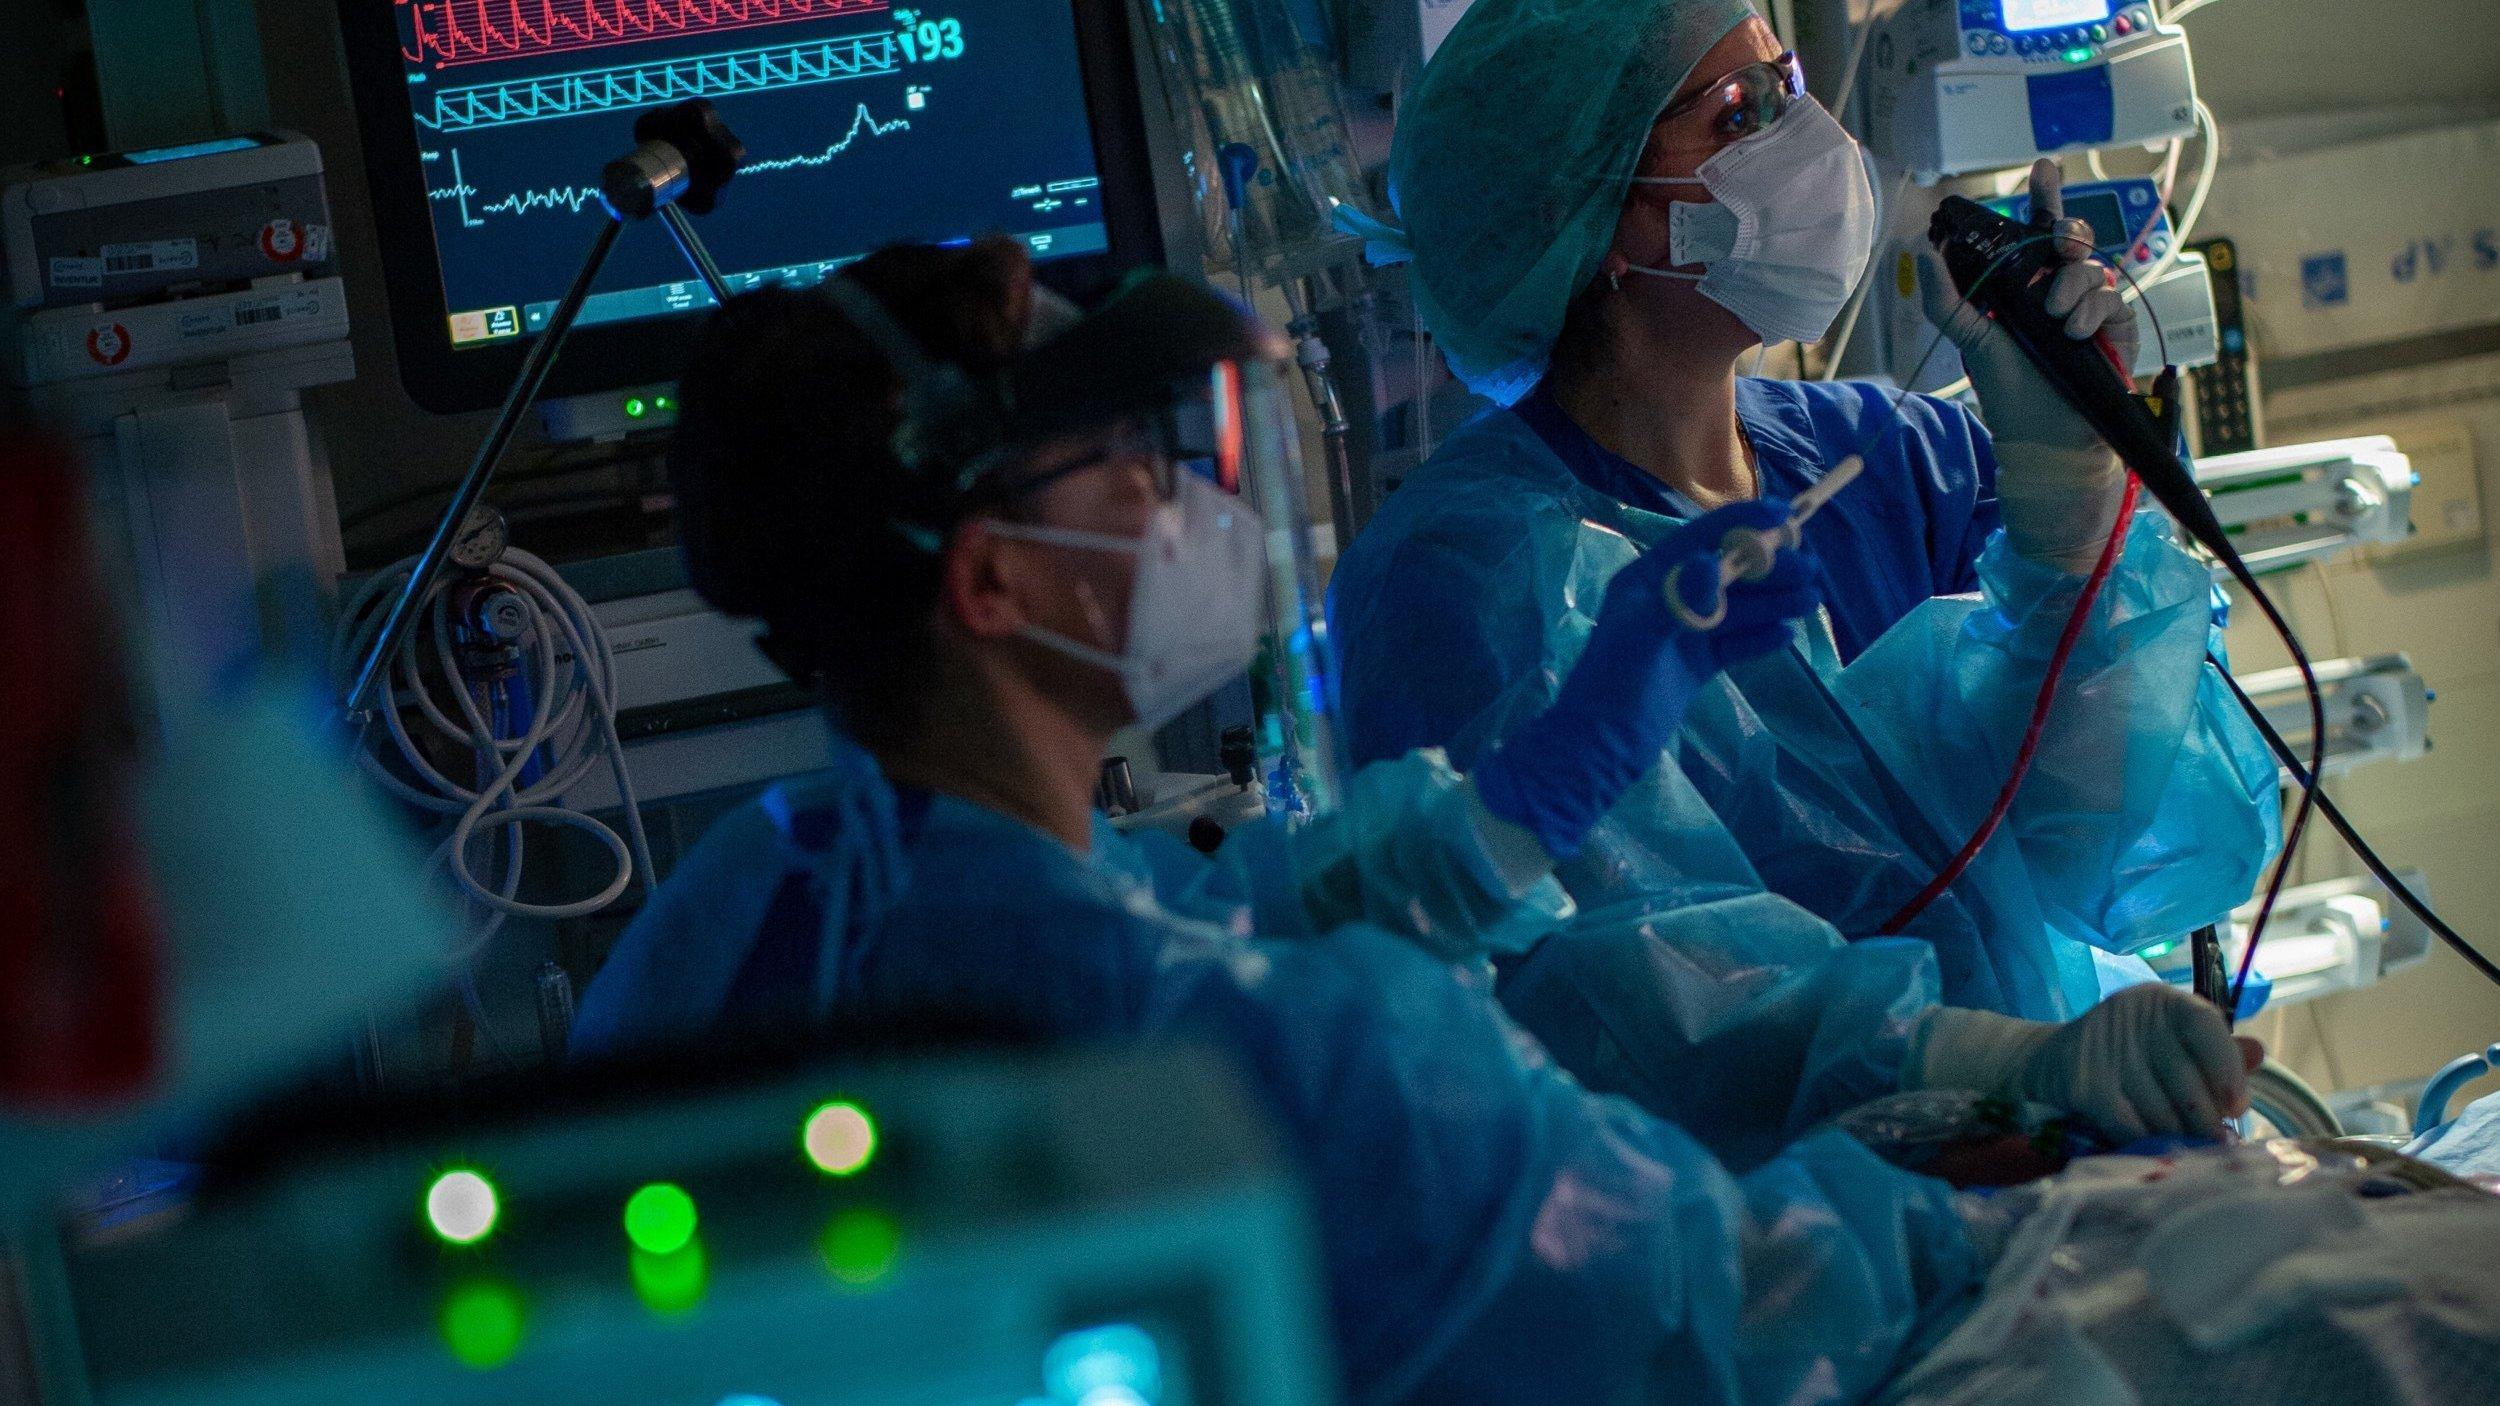 Intensivstation mit Bildschirmen. Zwei Mediziner in Schutzkleidung versorgen einen Covid-Patienten.